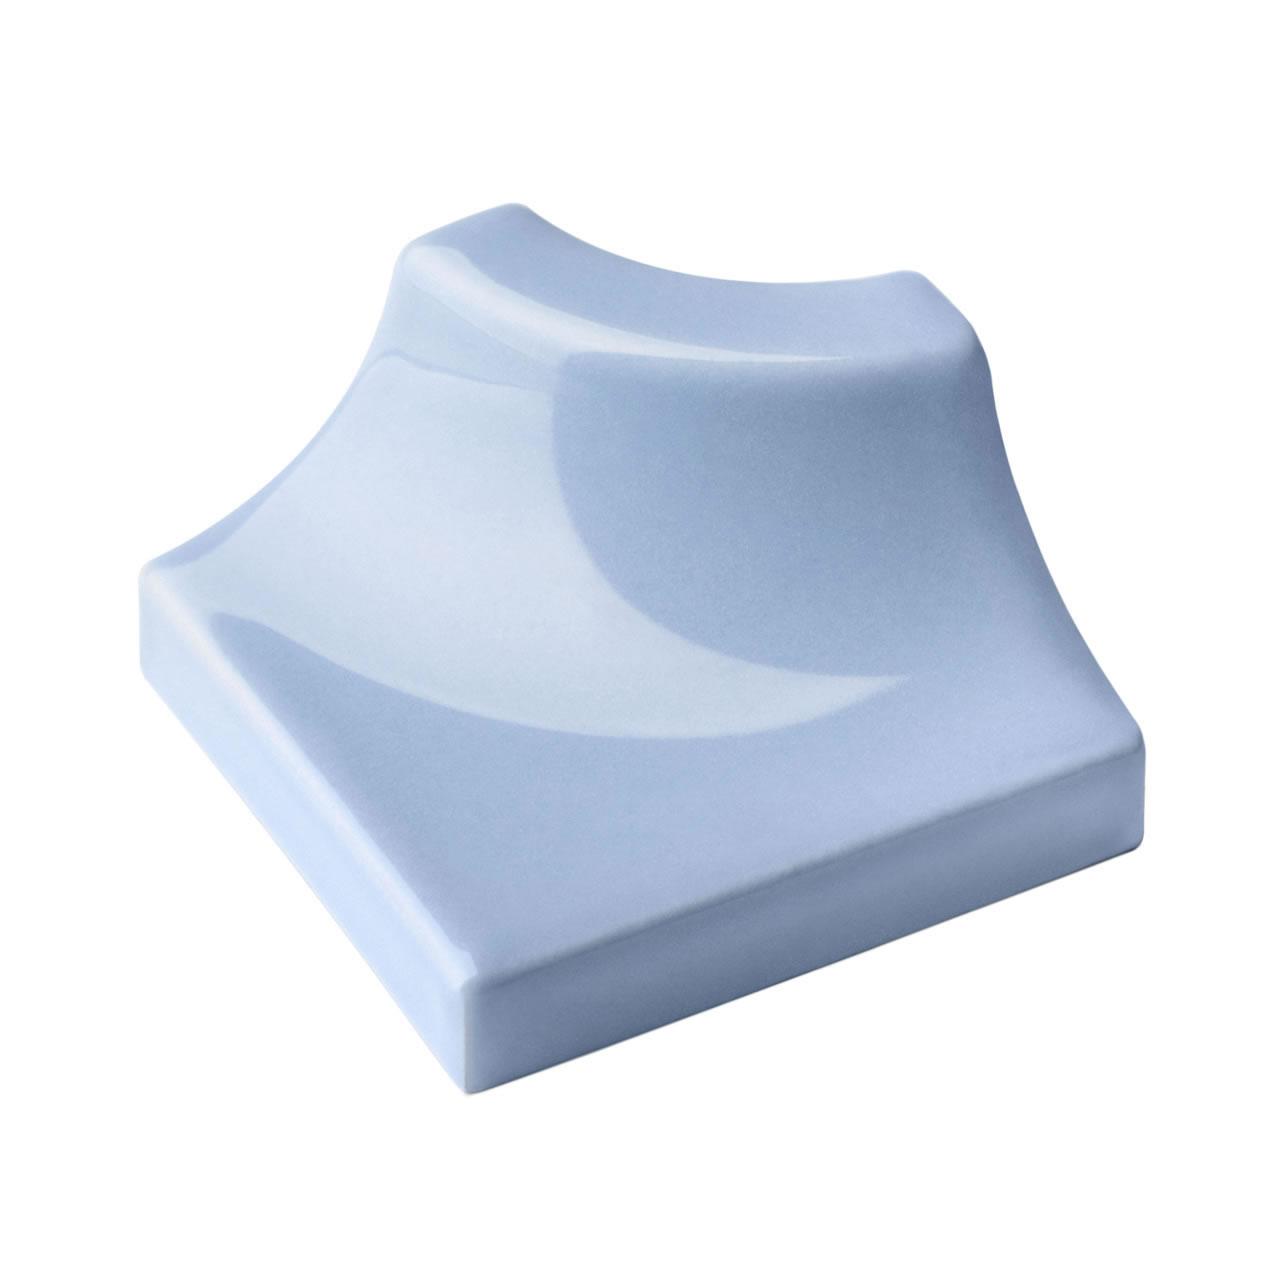 canto interno azul laguna 2,5×2,5